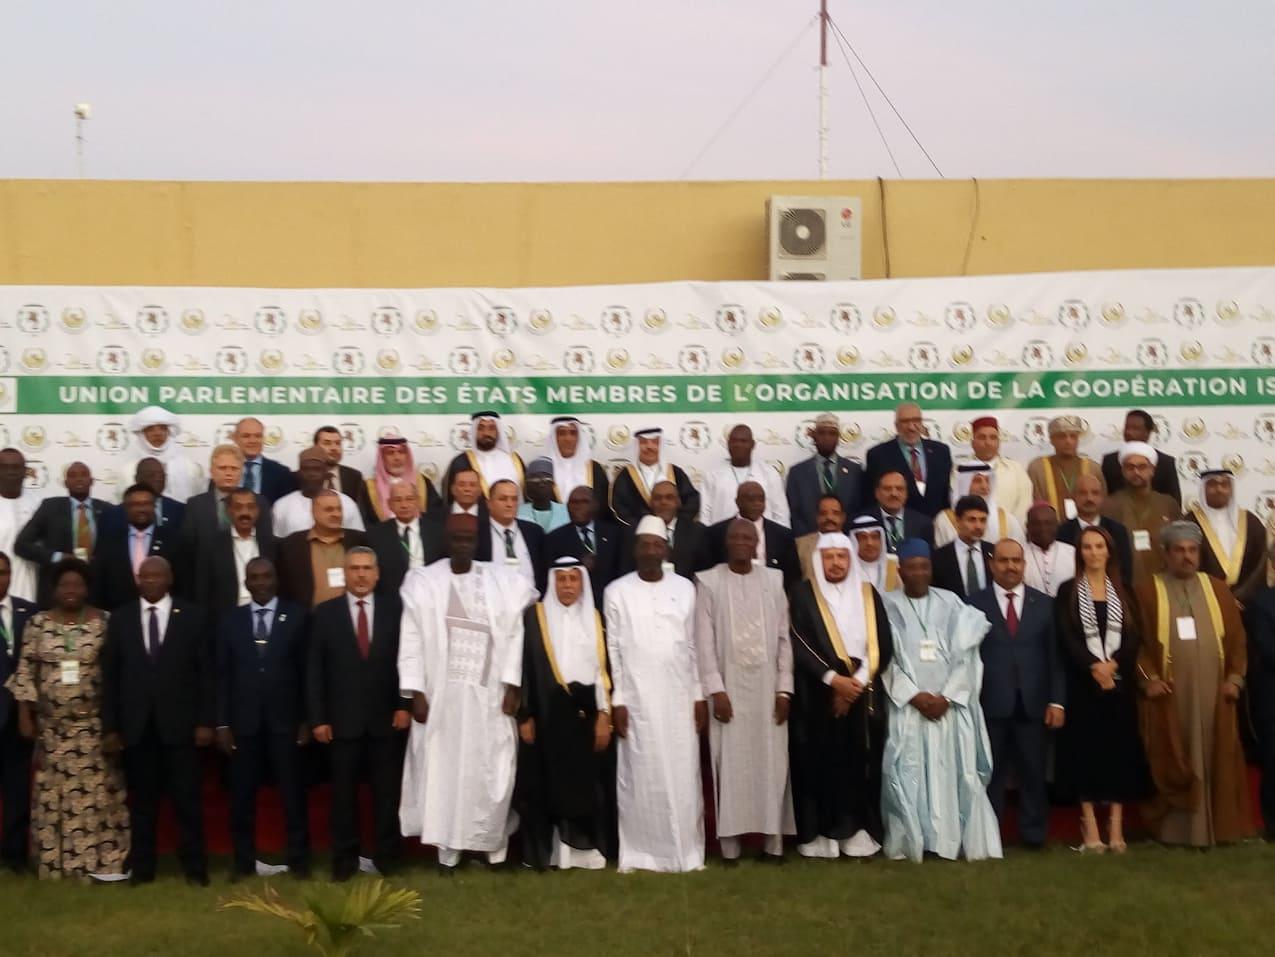 15e conférence de l'UPCI: La métastase terroriste au centre des préoccupations